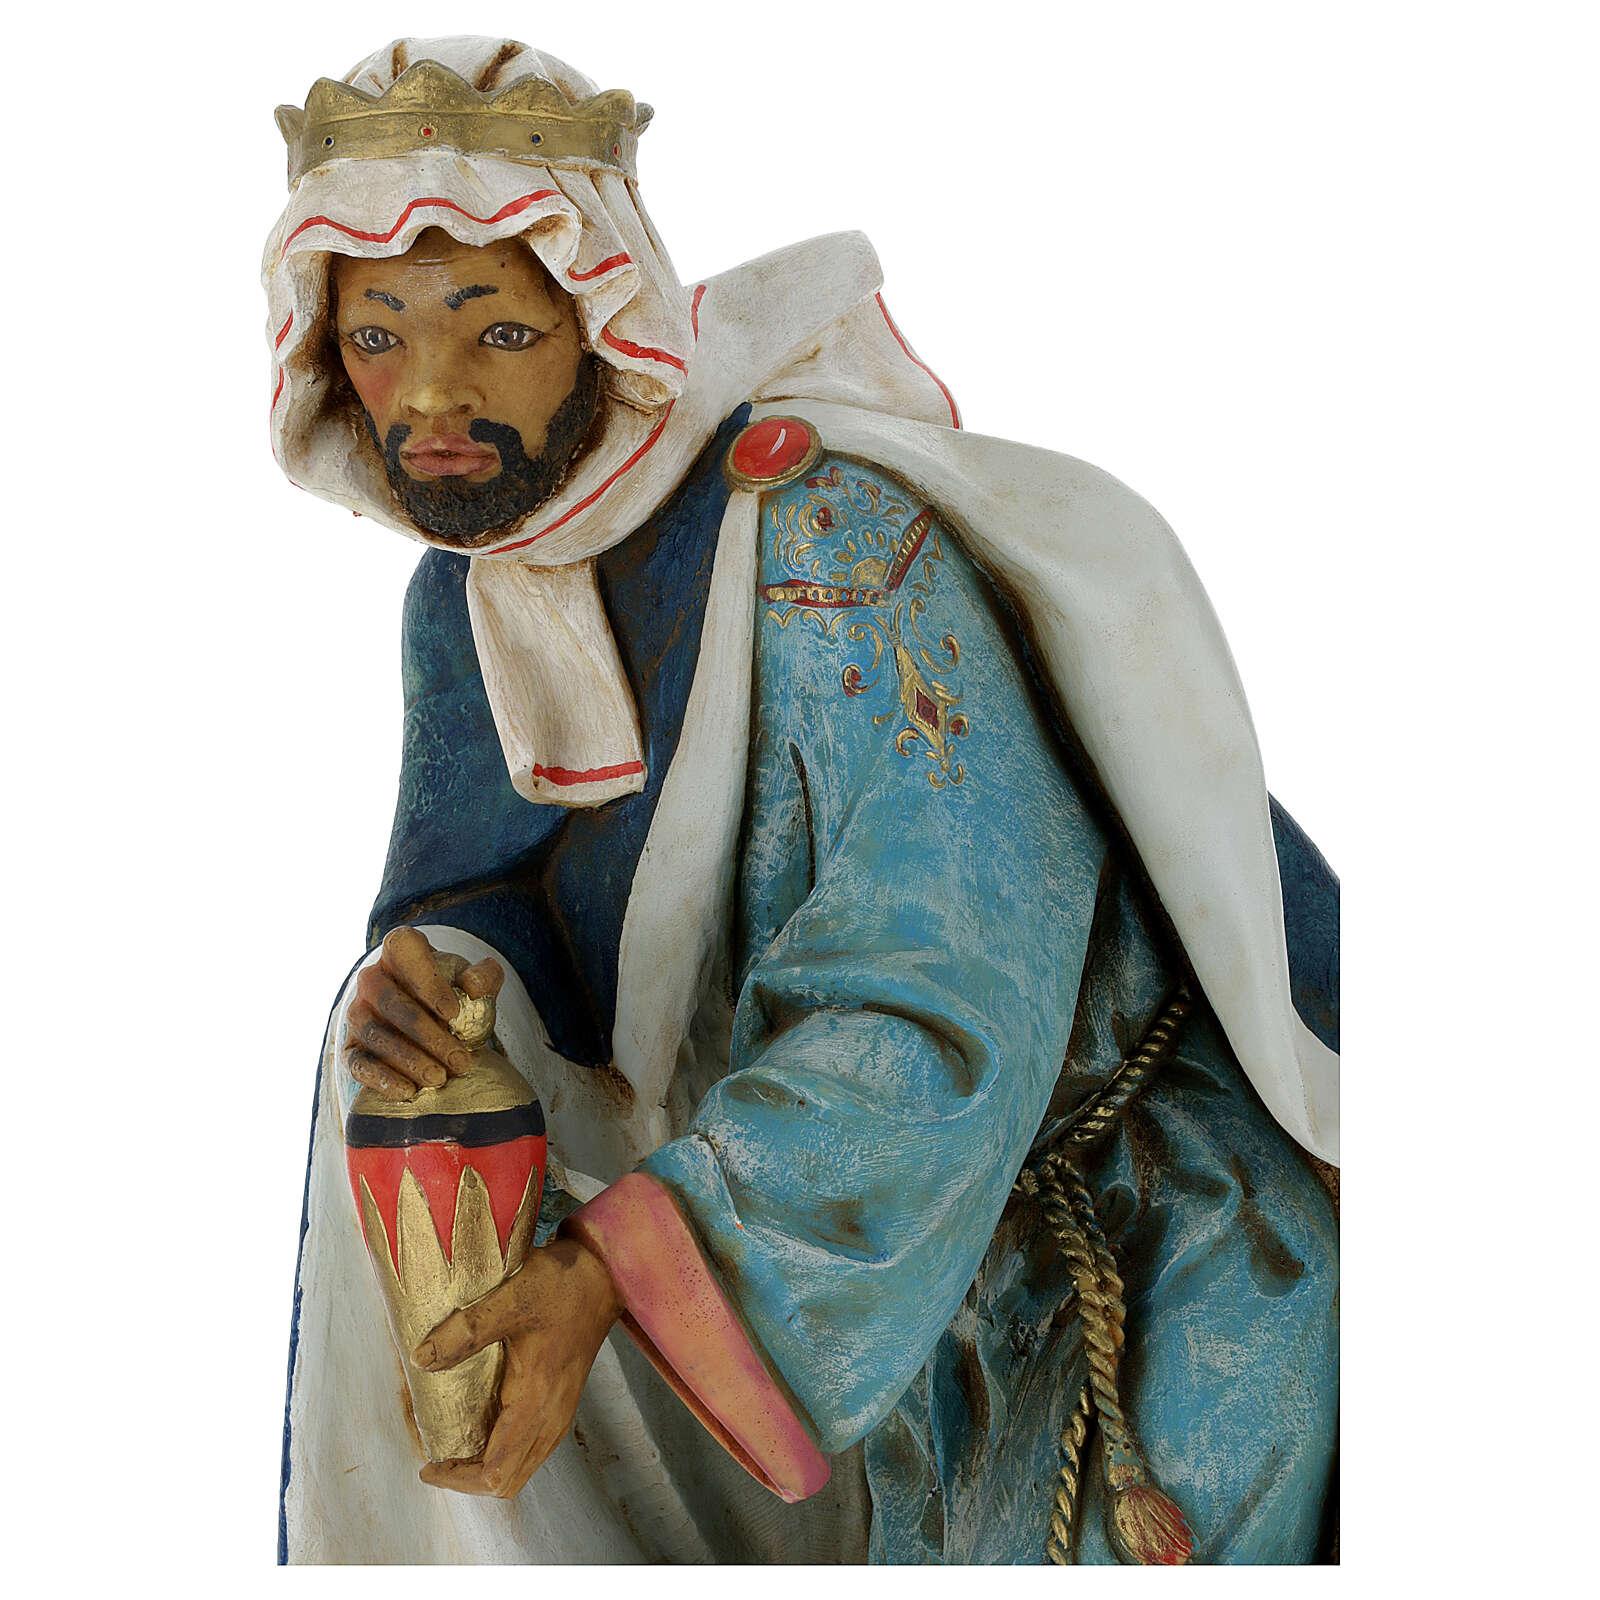 STOCK Heiliger König schwarz Fontanini 65 cm KLEINER MAKEL AN SOCKEL-UNTERSEITE  4